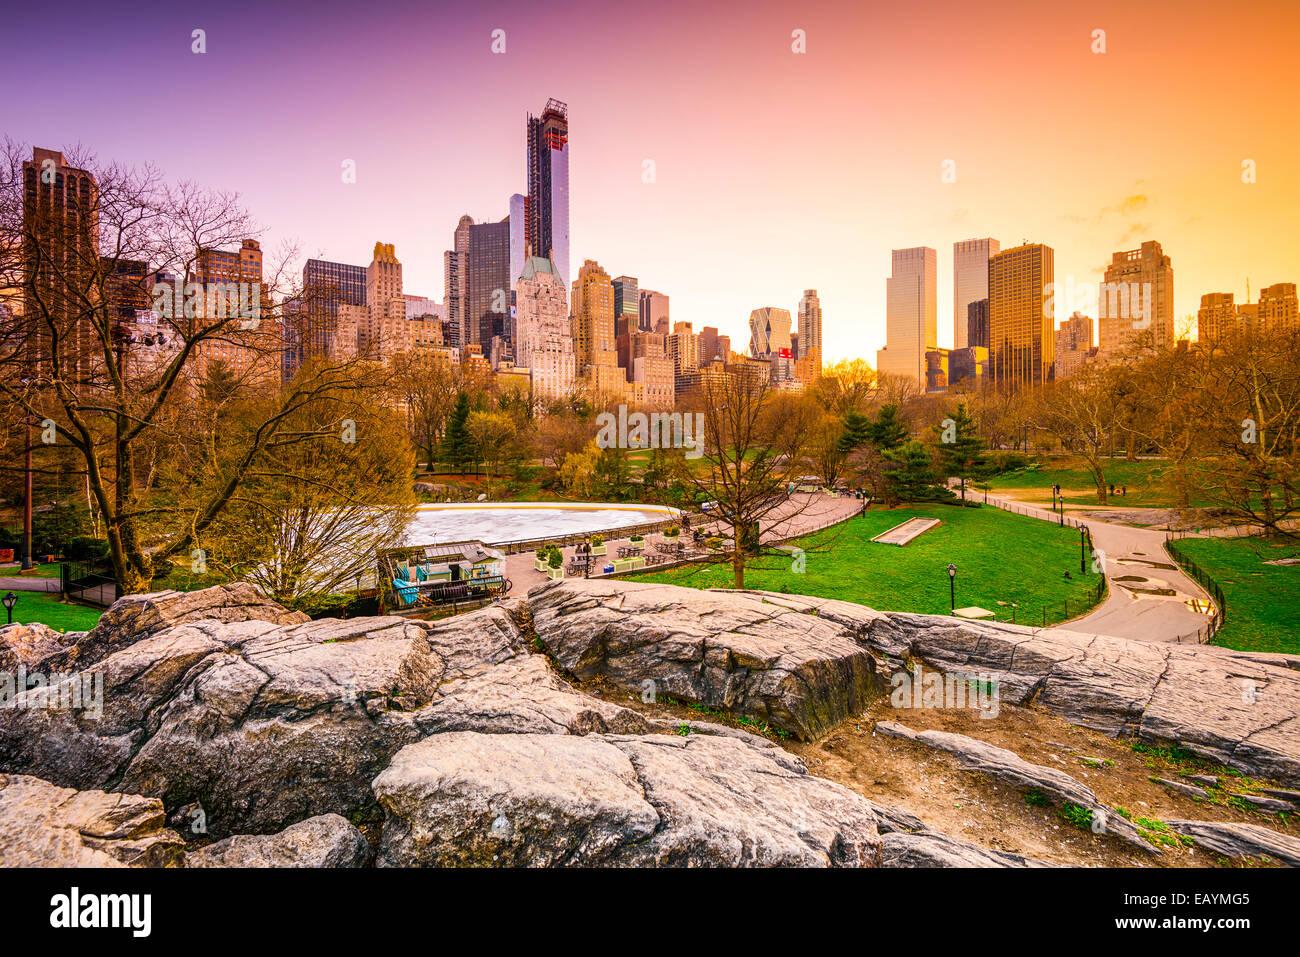 El paisaje urbano de la ciudad de Nueva York vista desde el Central Park. Imagen De Stock